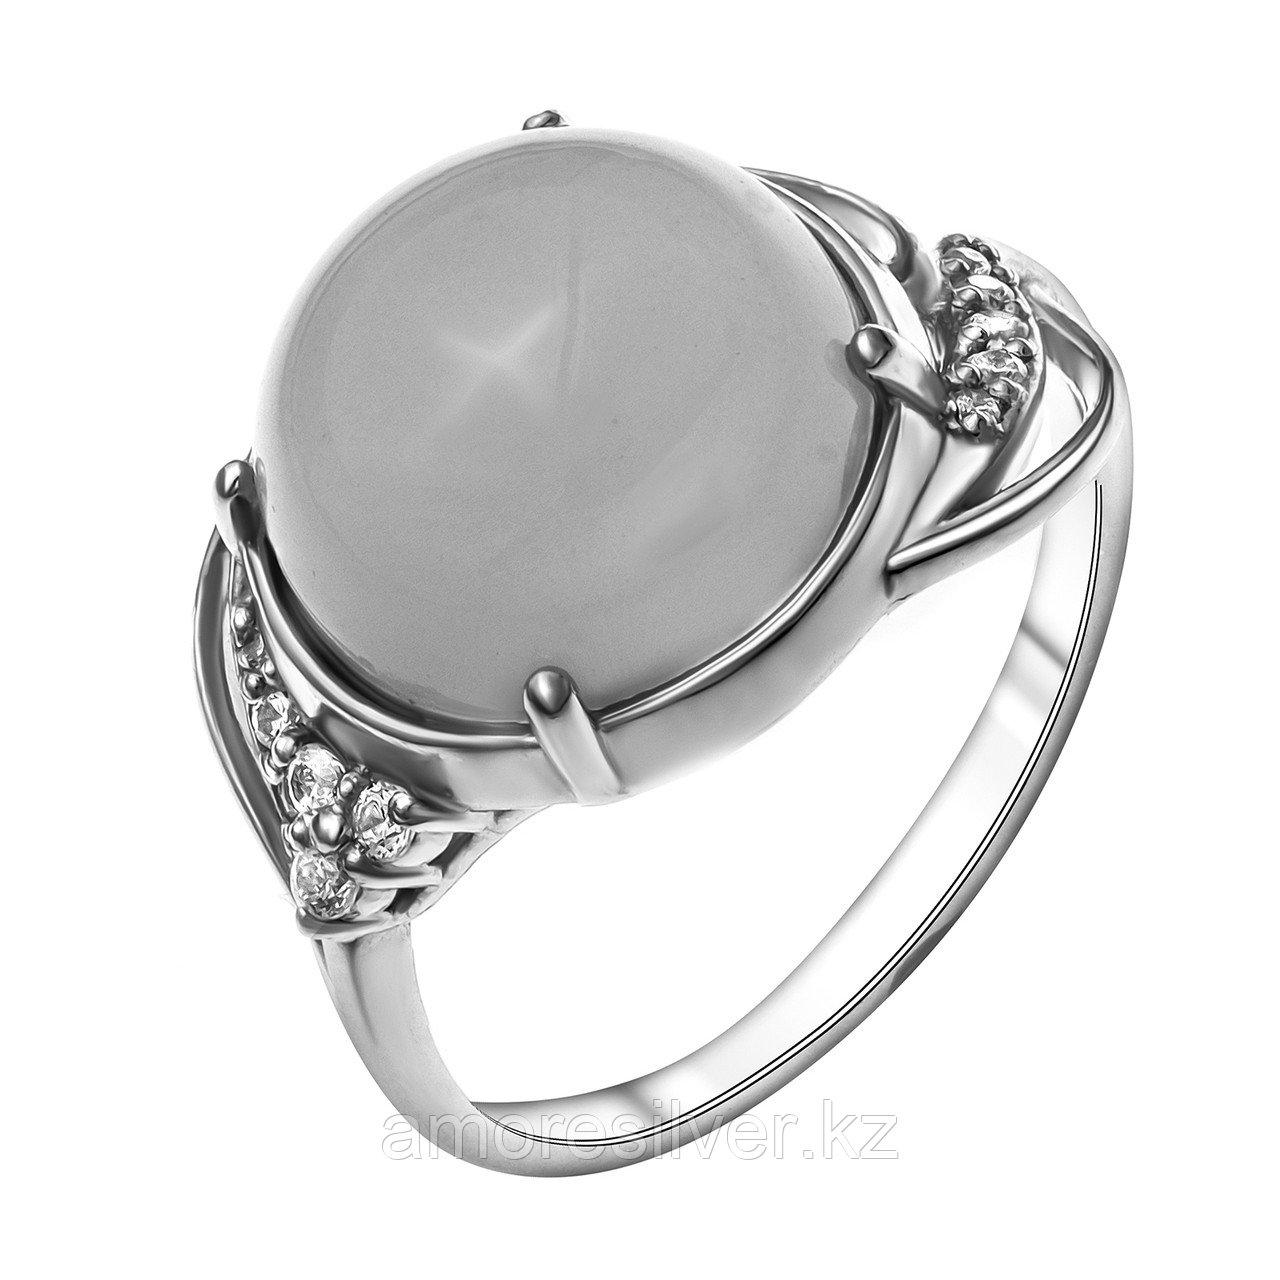 Серебряное кольцо с нефритом  Приволжский Ювелир 251088-GRS